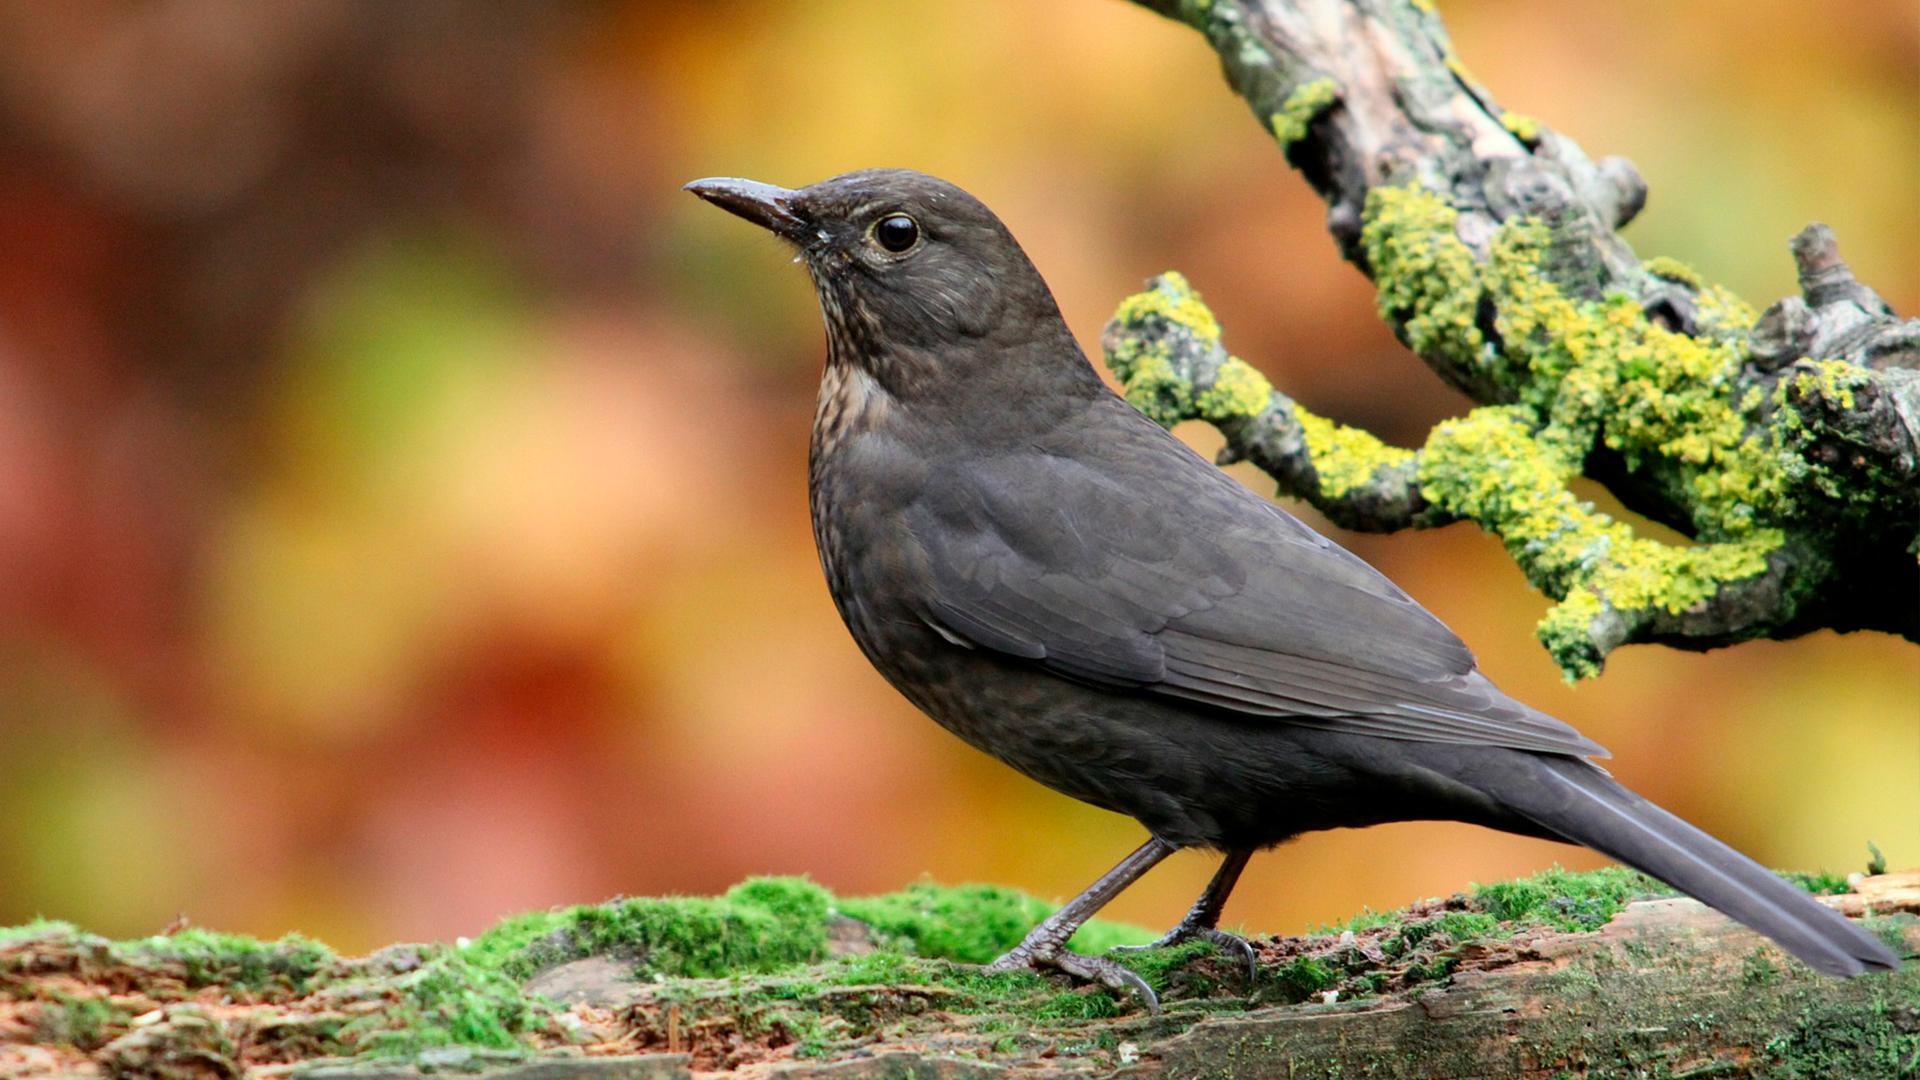 Vogels Nederland Tuin : Drenthe de mooiste provincie van nederland